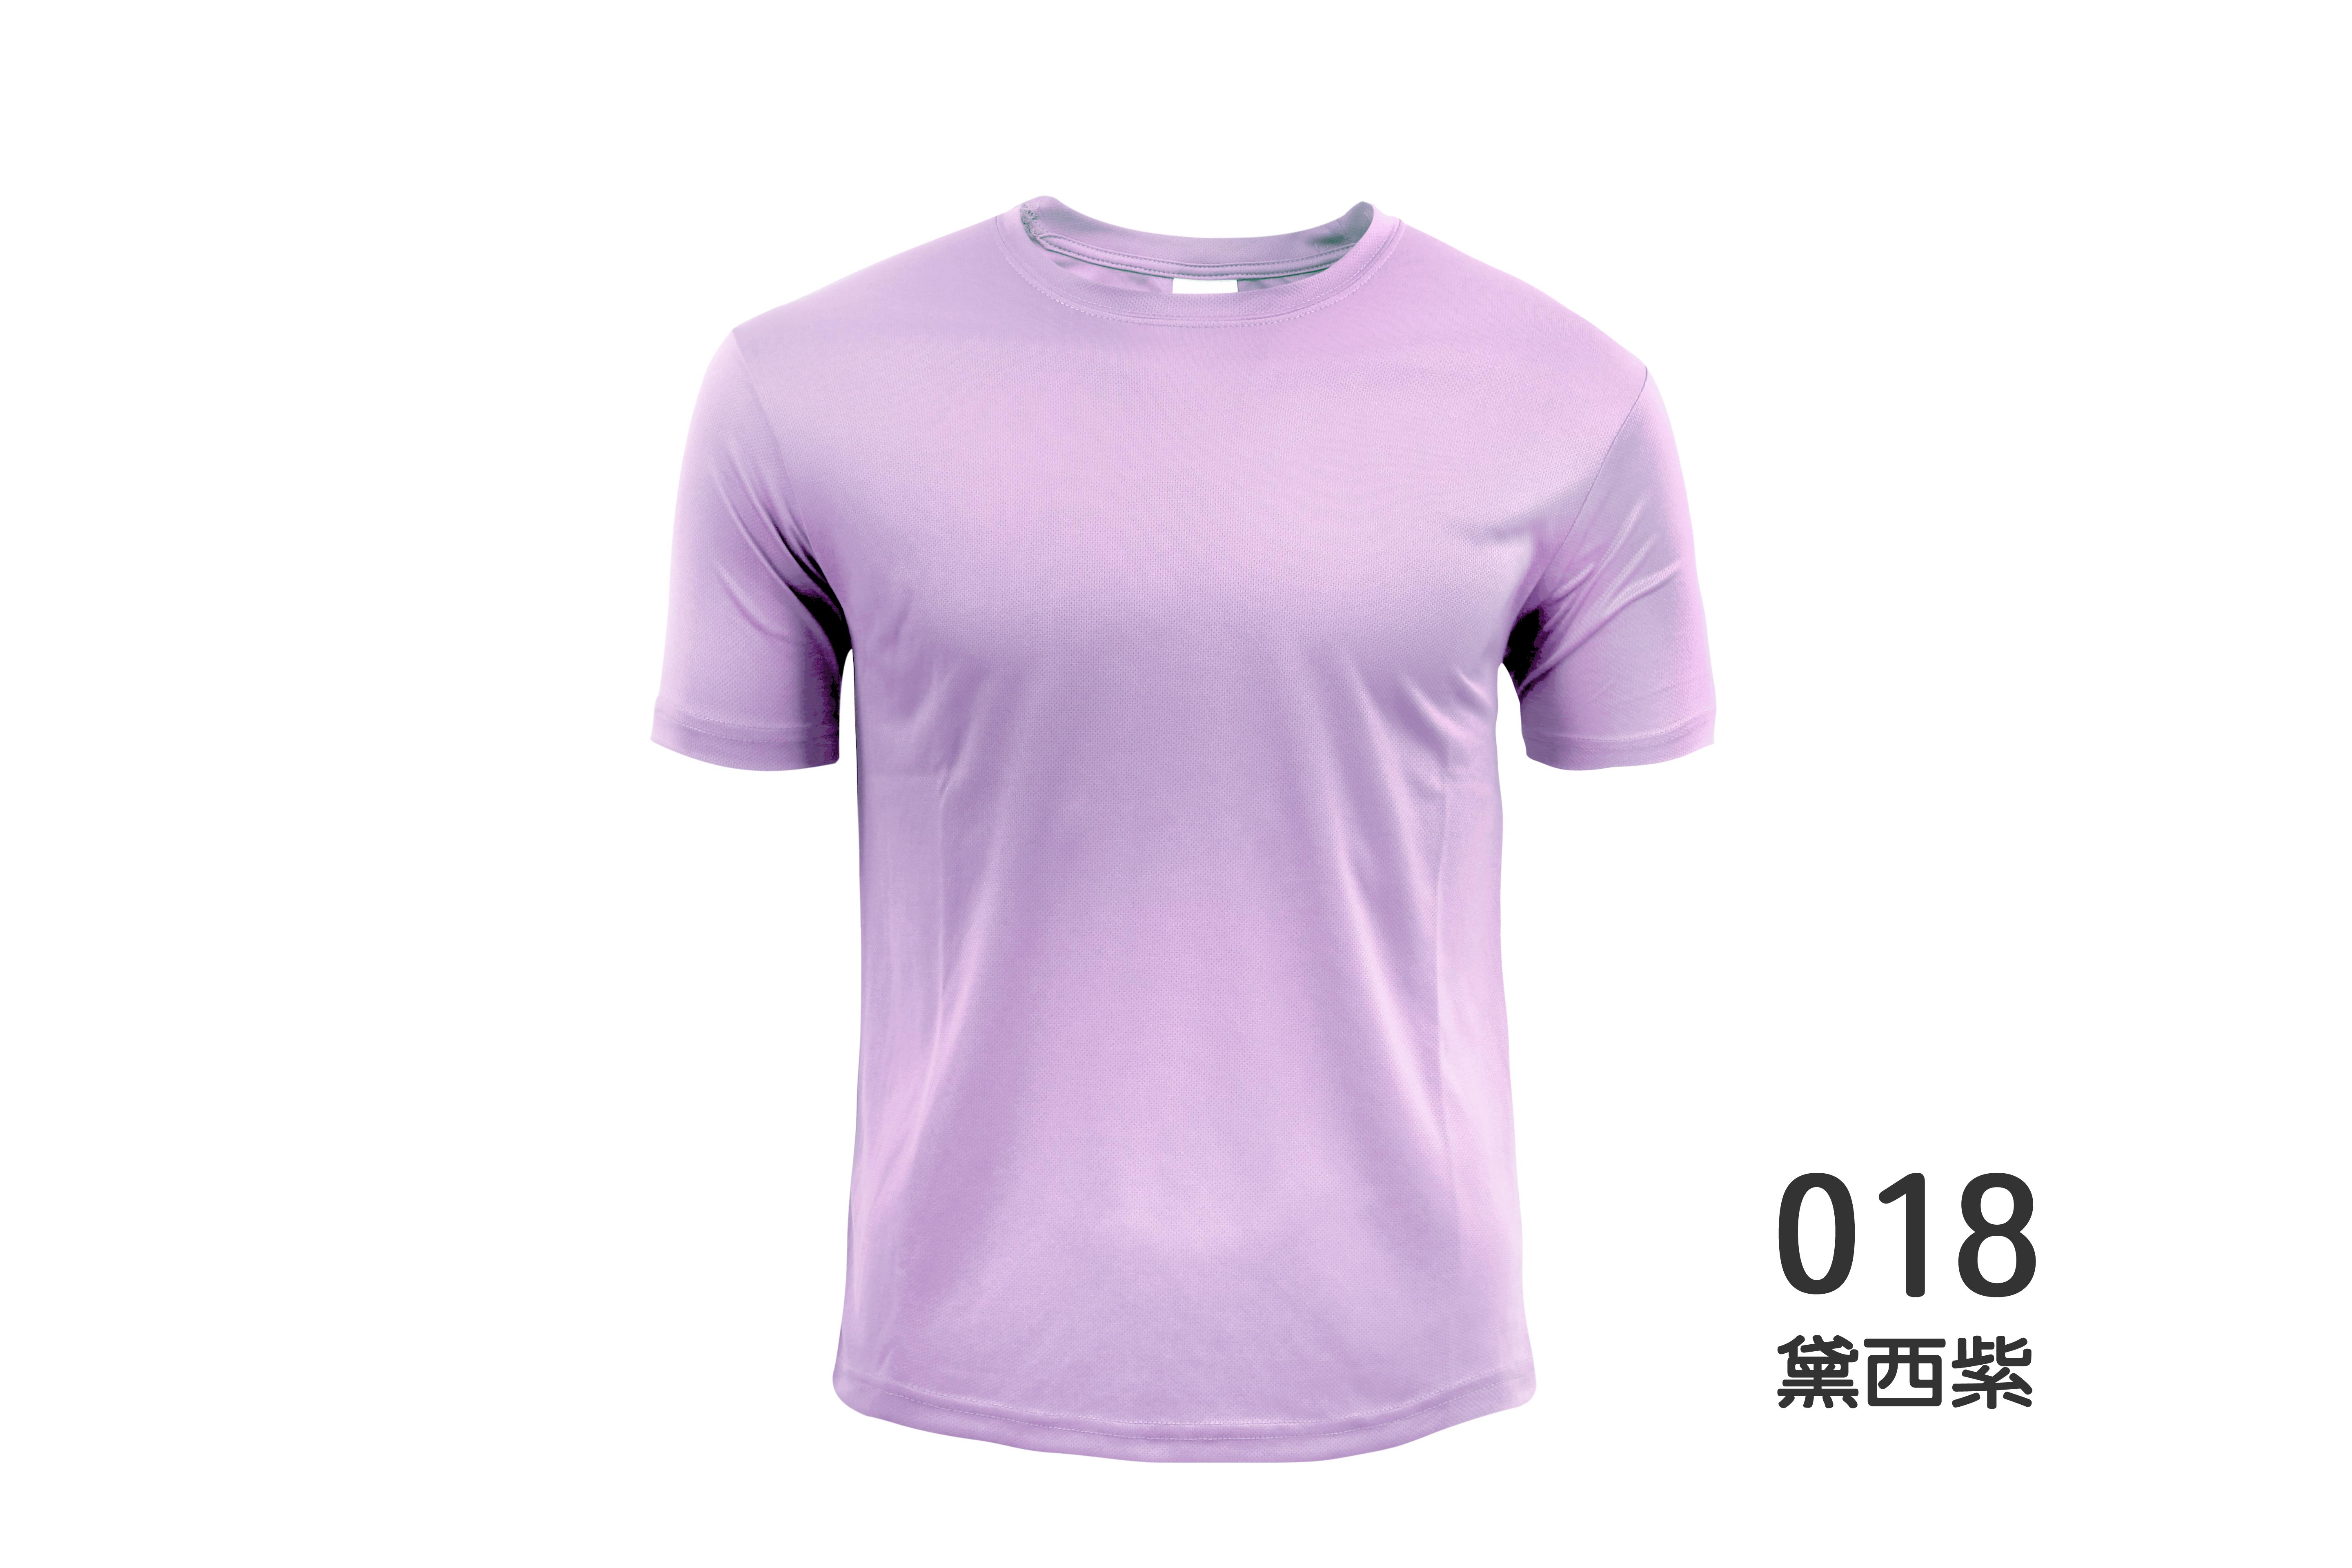 018黛西紫-1-01